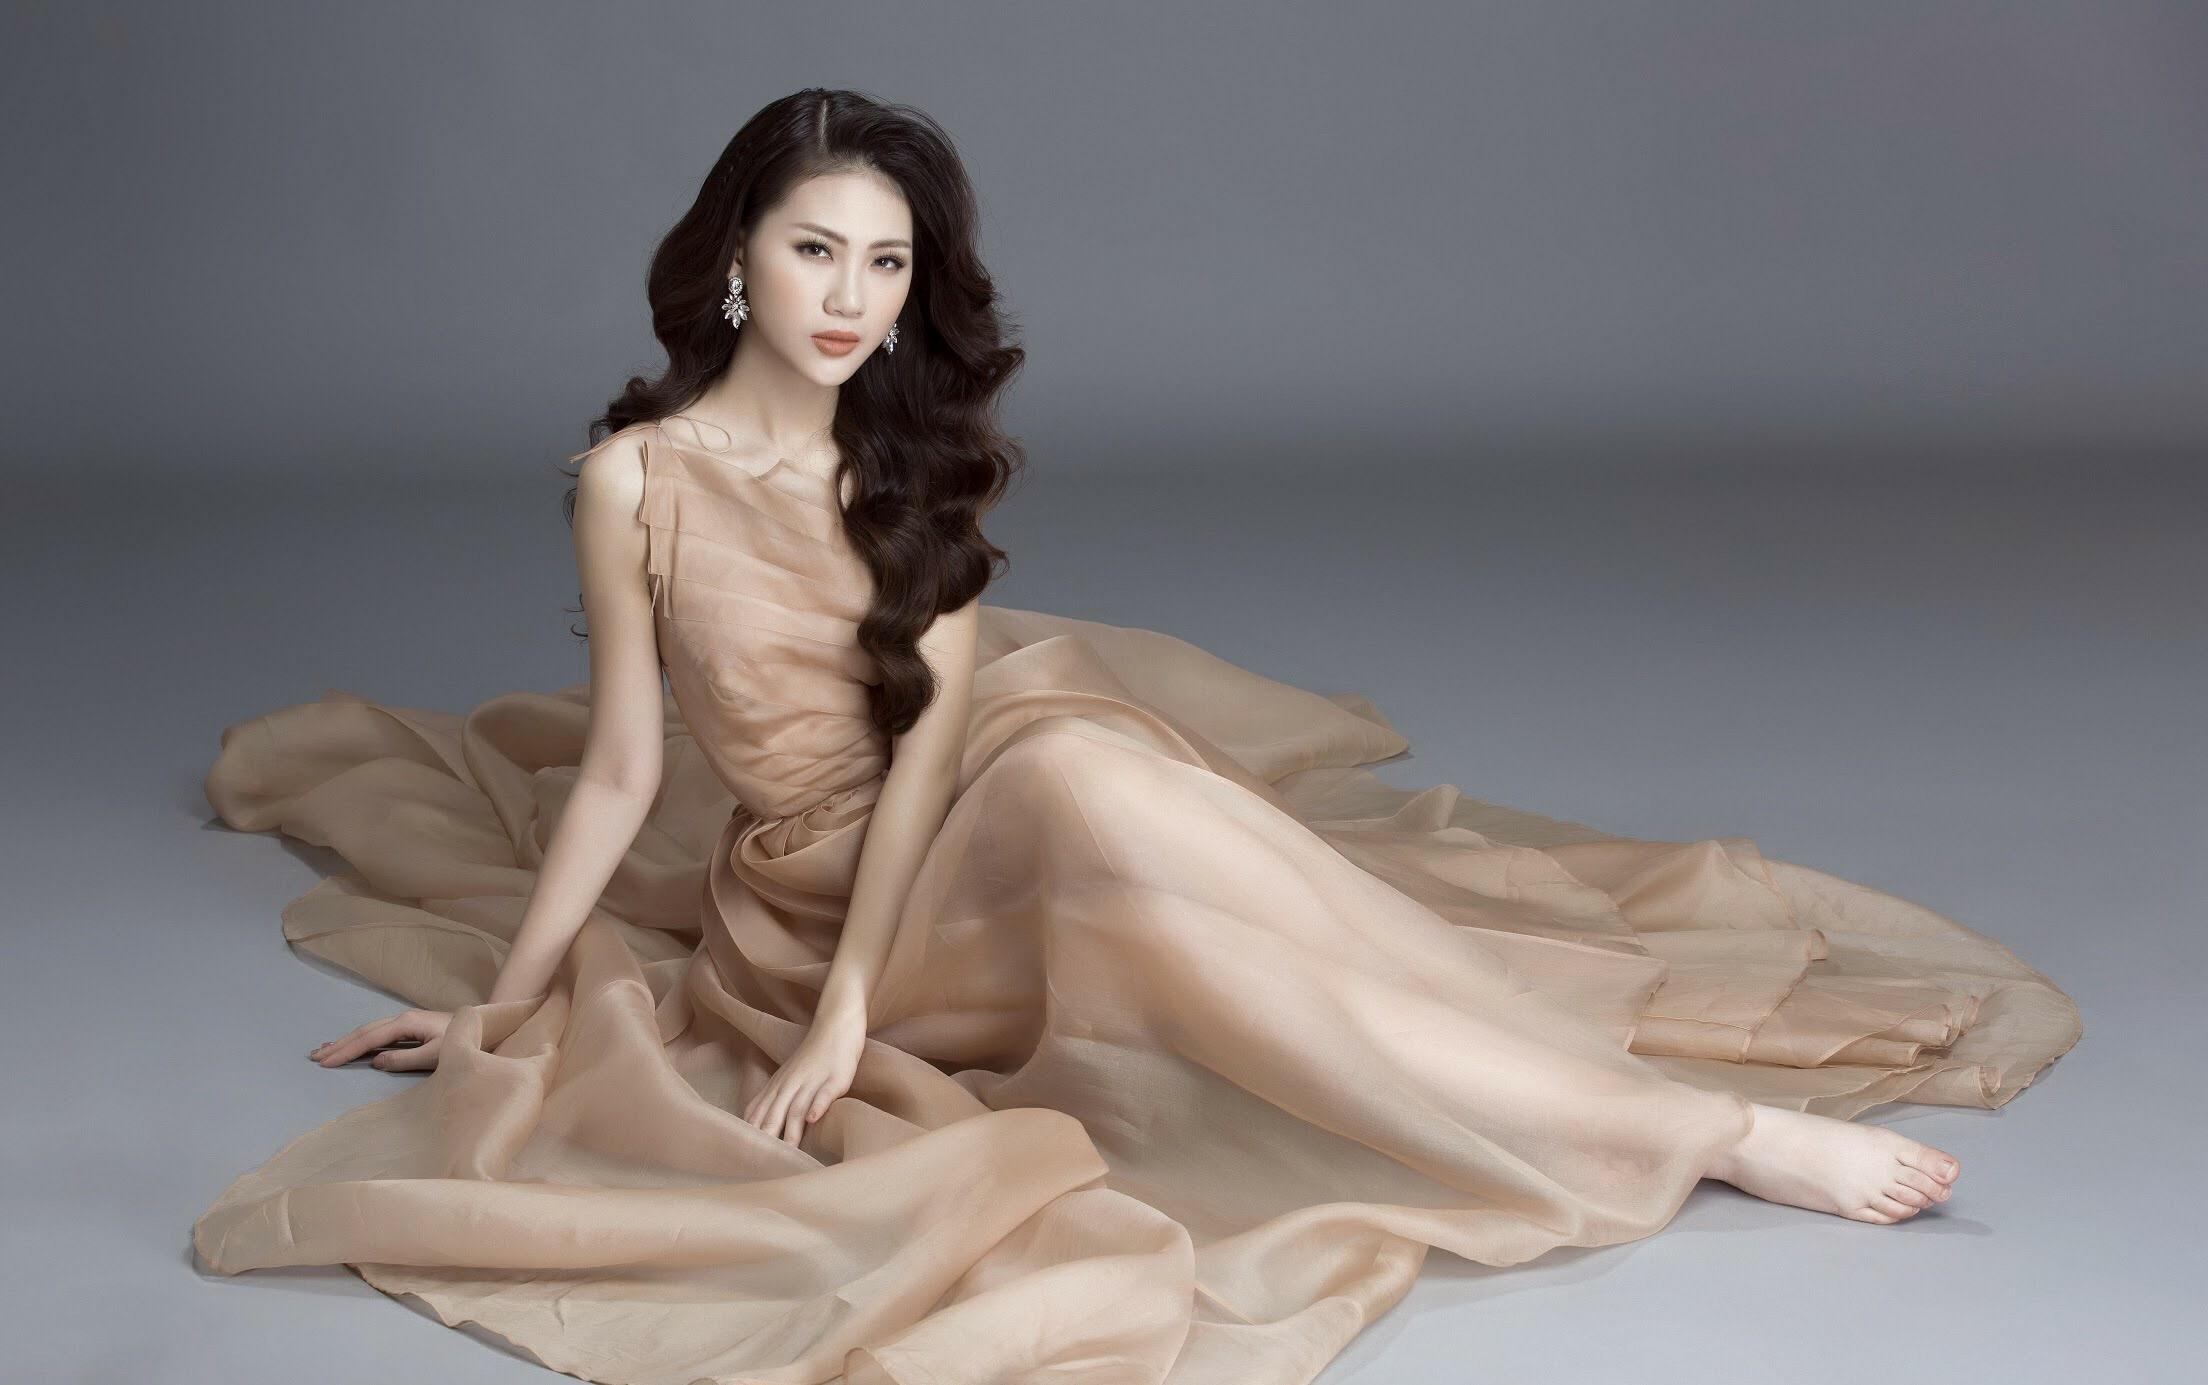 Siêu mẫu Quỳnh Hoa trở thành gương mặt đại sứ cho cuộc thi 'Hoa hậu Thế giới Người Việt 2019'